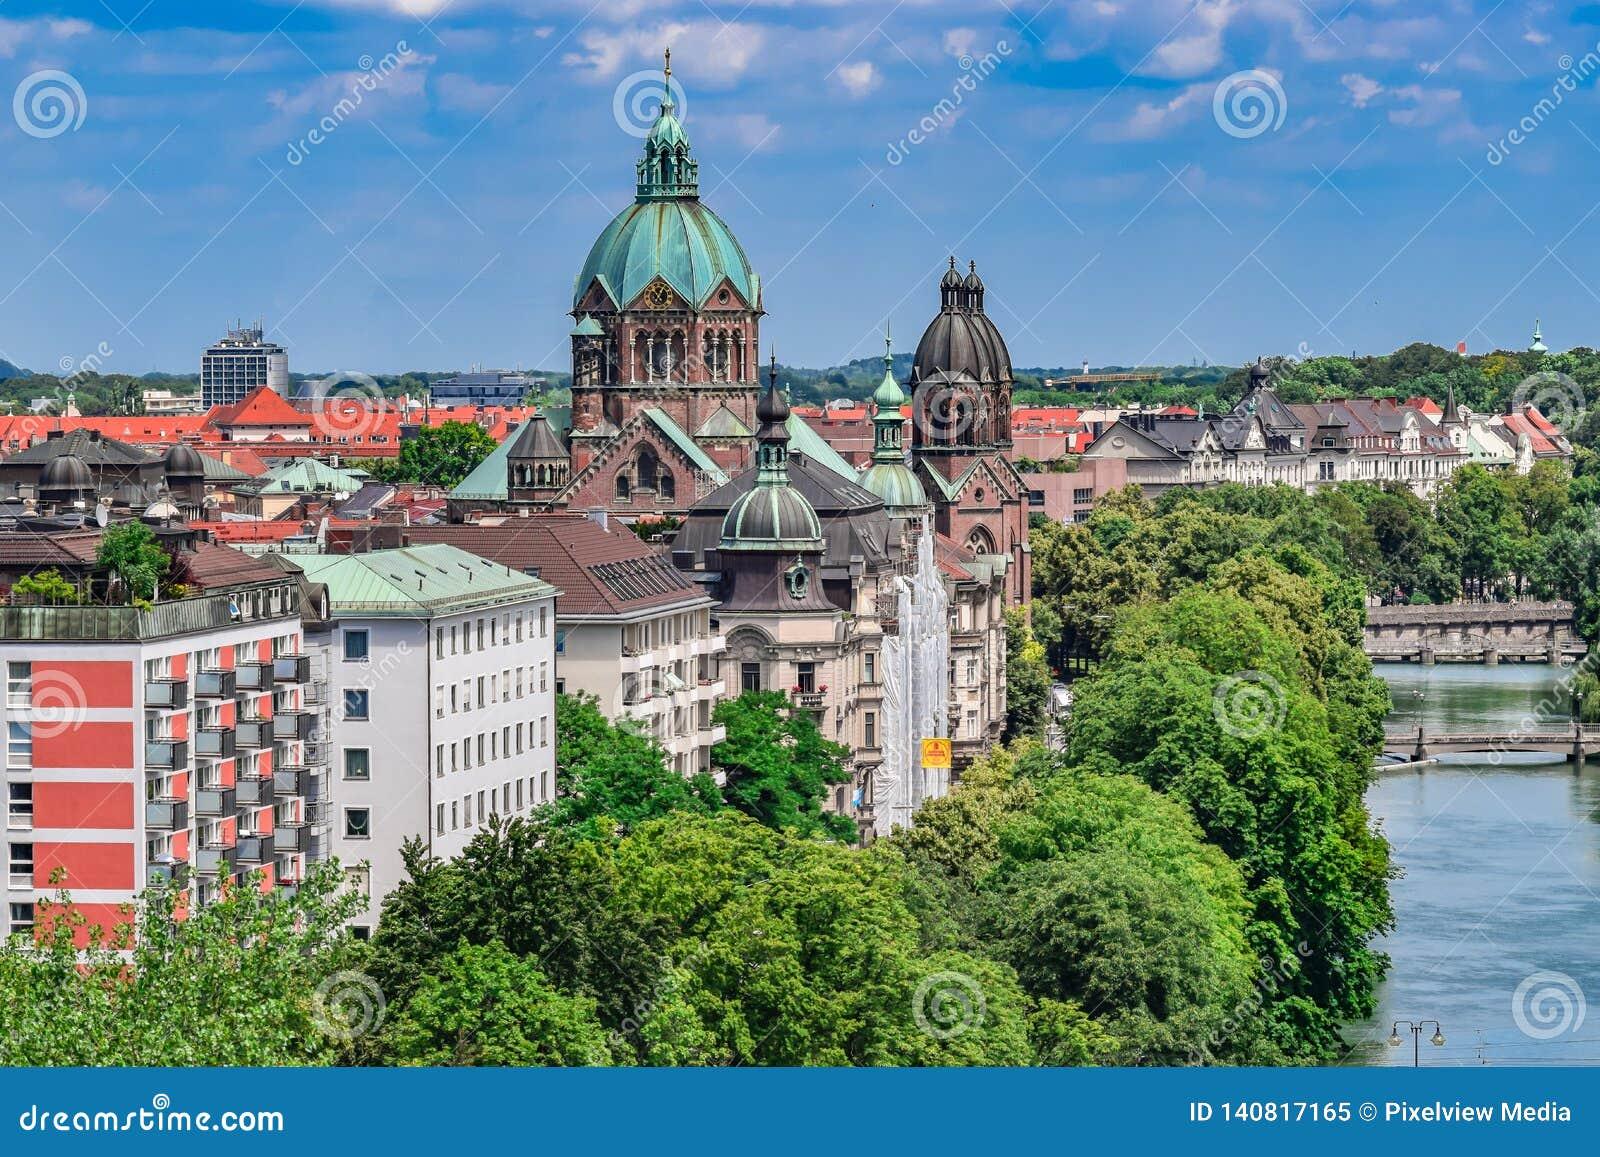 Historischer Fluss Front View in München